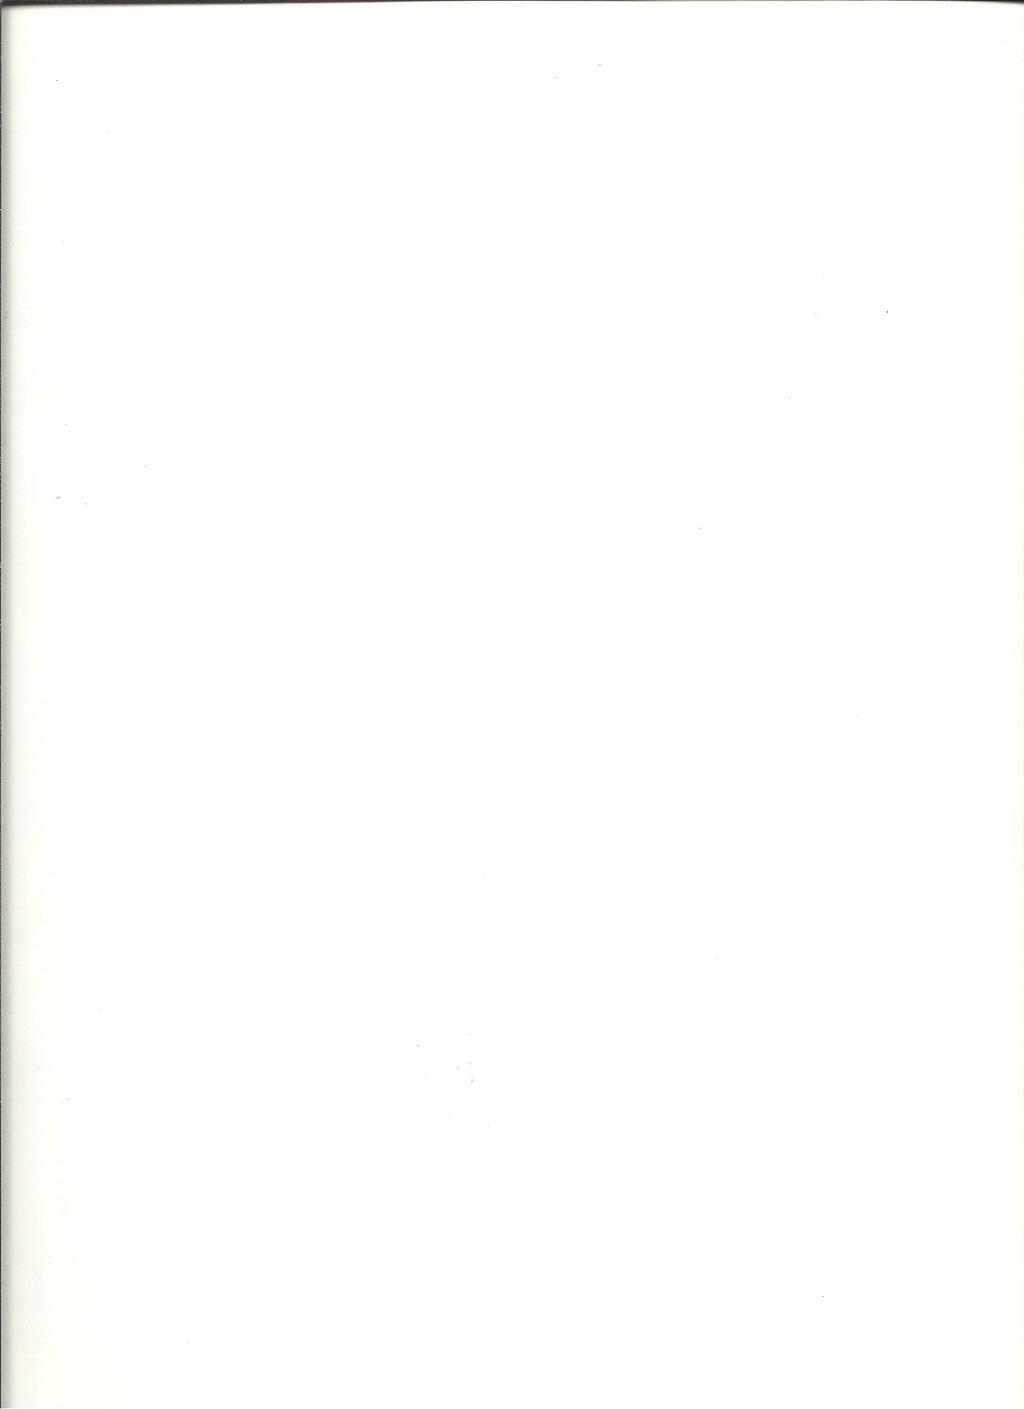 [LAROUSSE ] Maquette cartonnée n°1 SPAD VII au 1/30ème  Larous16